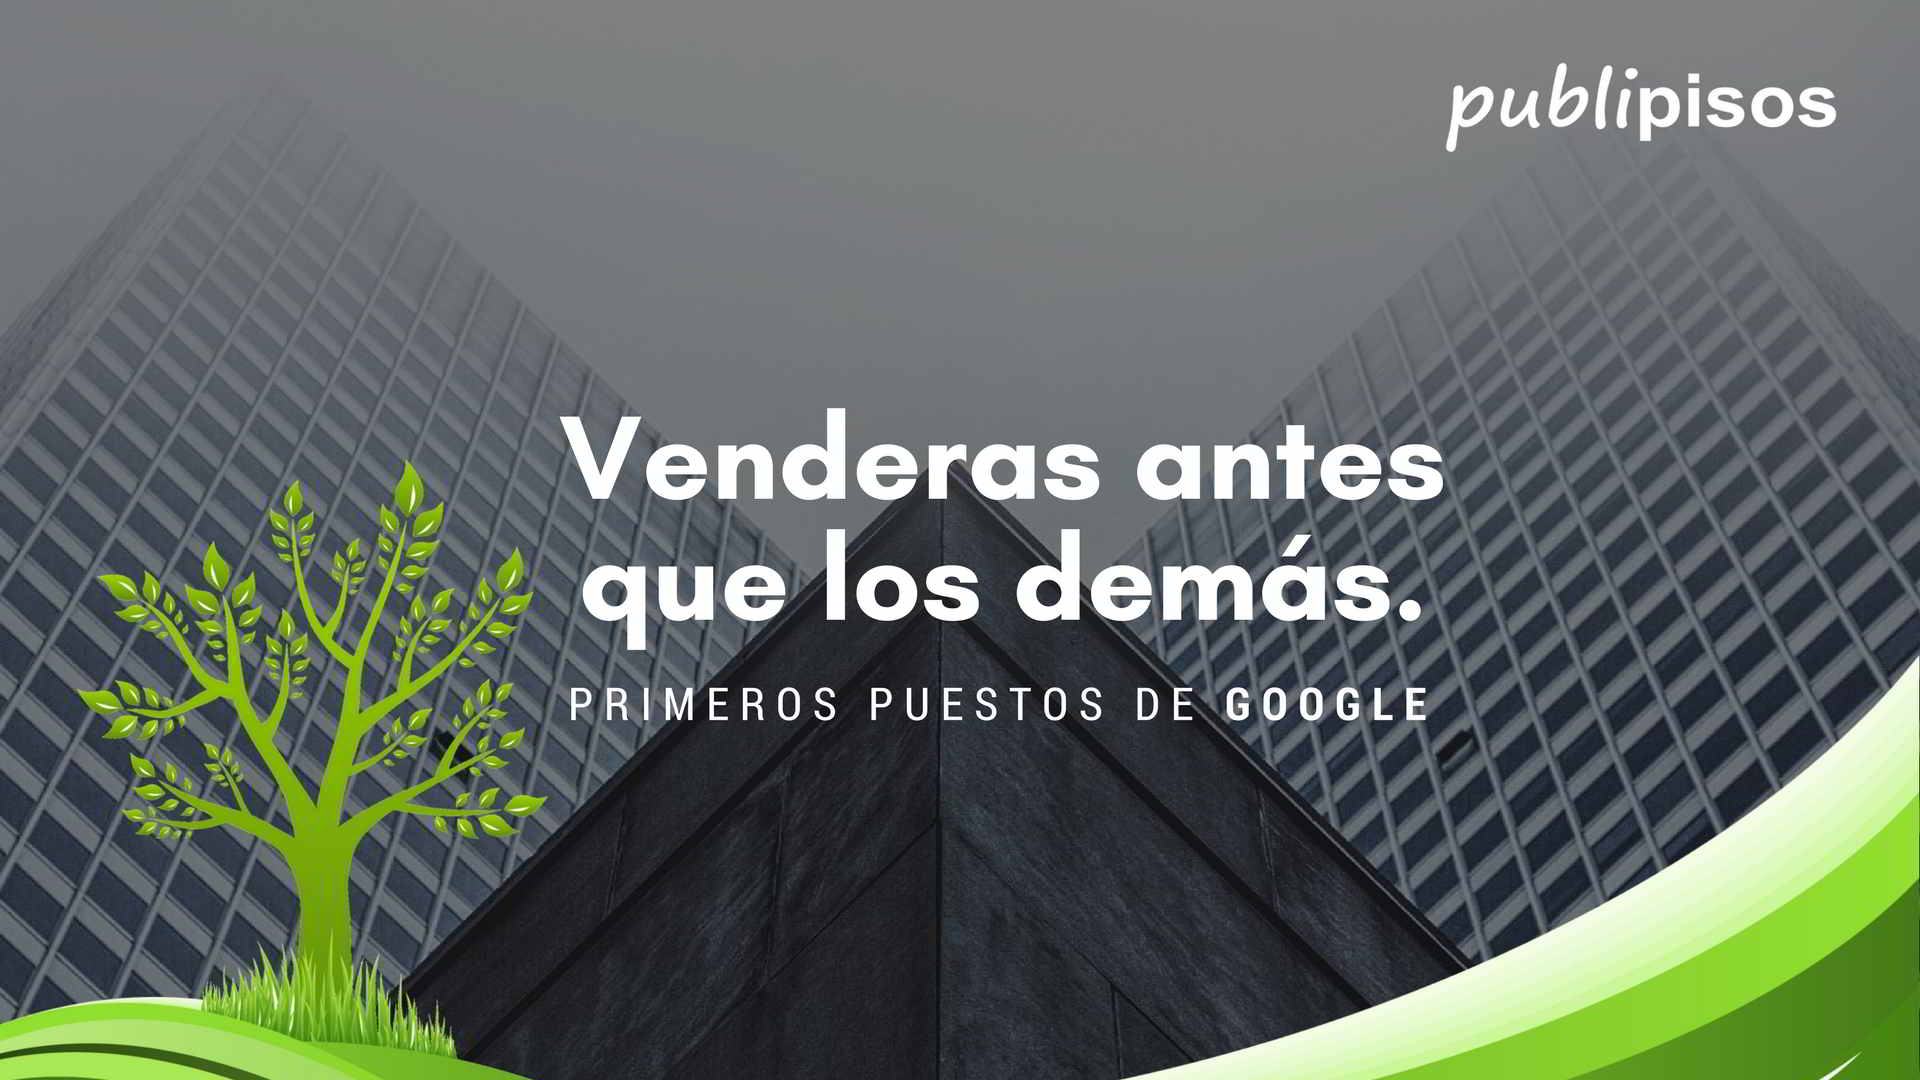 vende antes que los demas Publipisos Inmobiliarias Zaragoza | Venta Pisos en Zaragoza